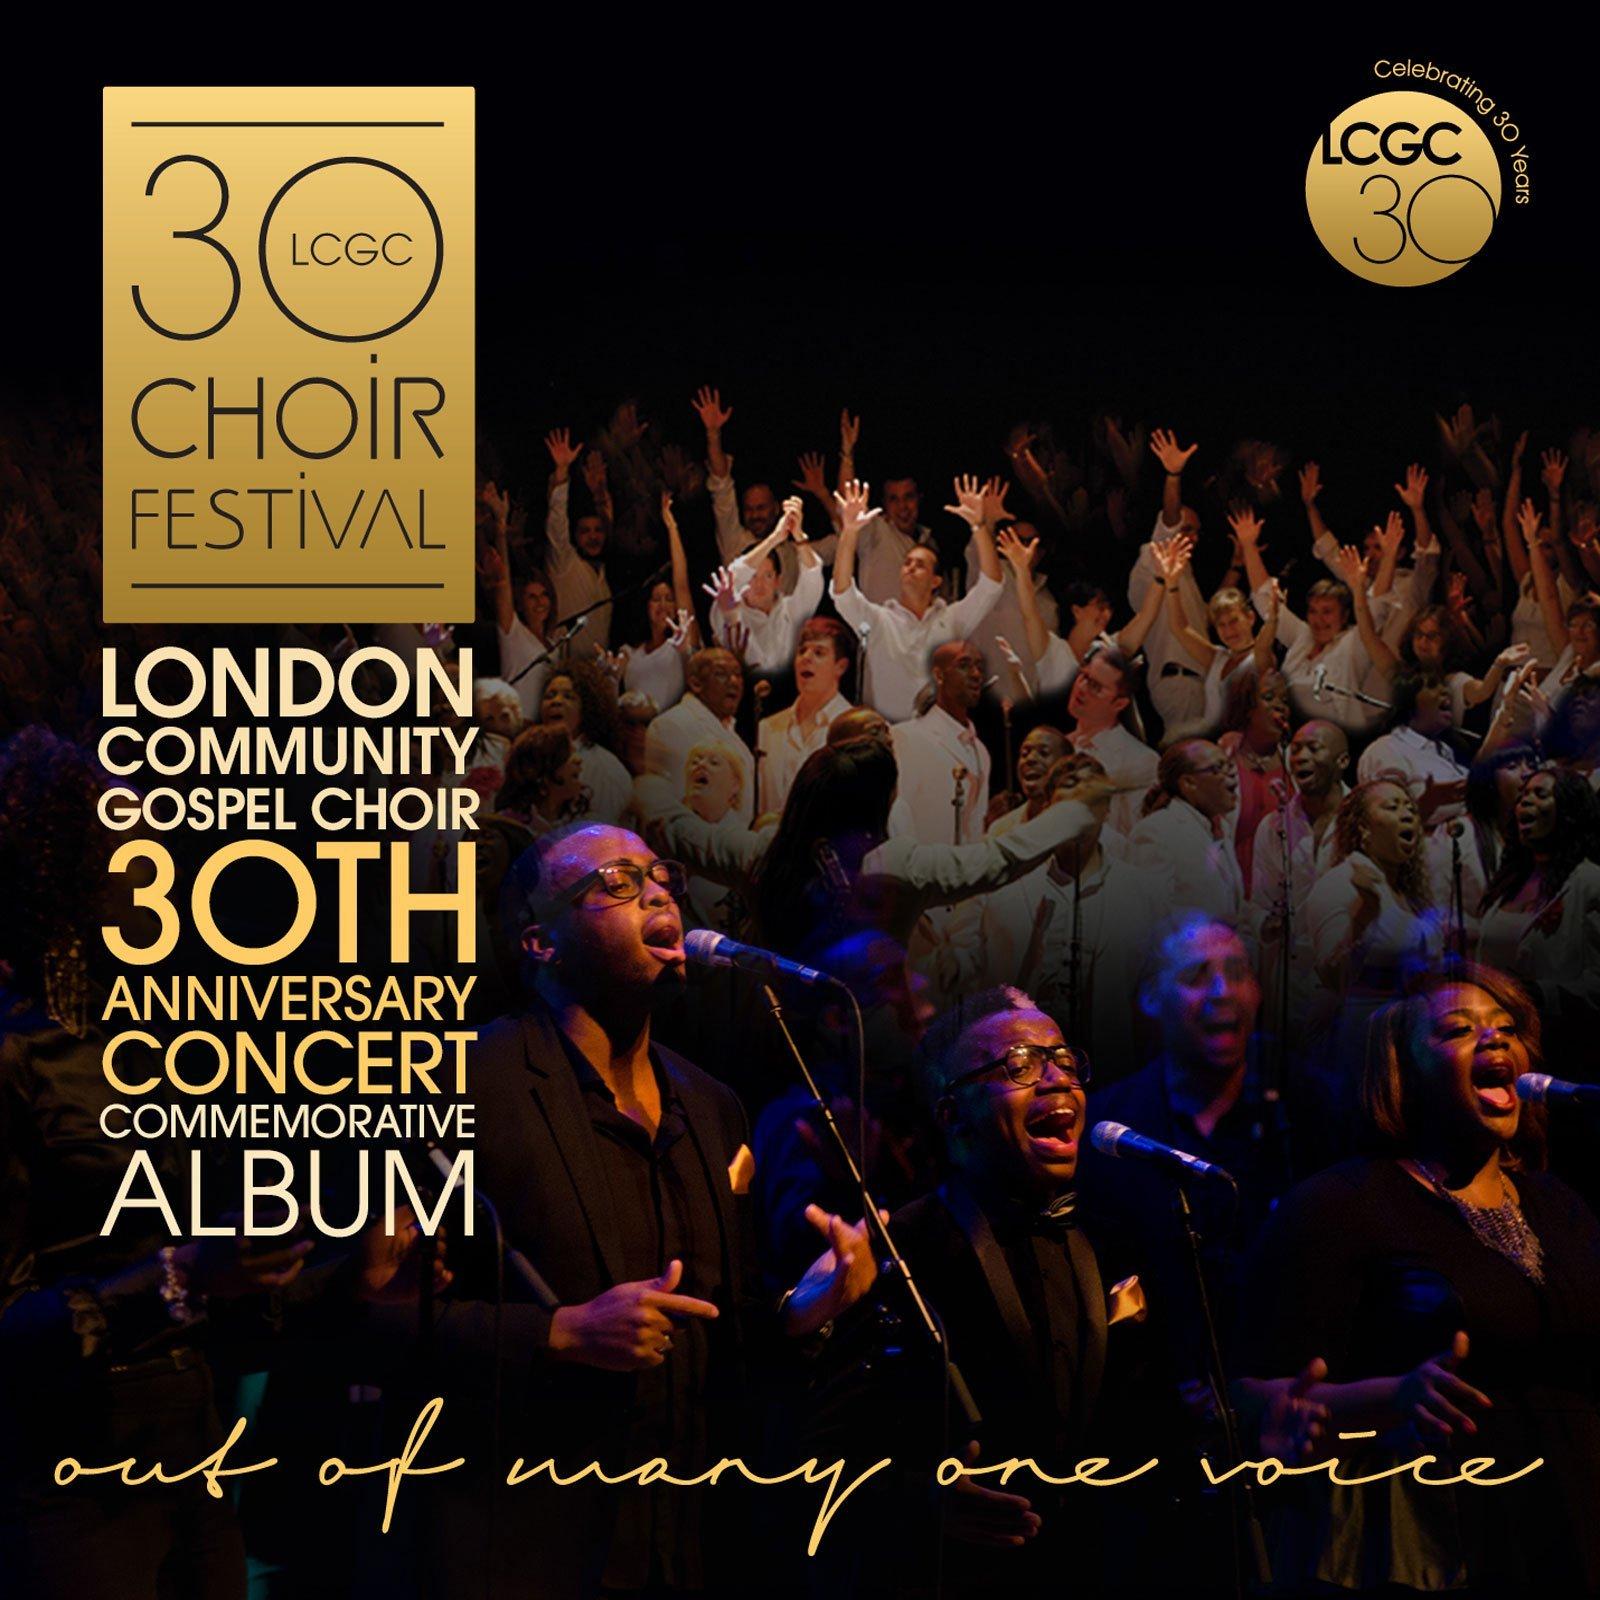 LCGC_30_Choir_Festival_Cover_1600x1600